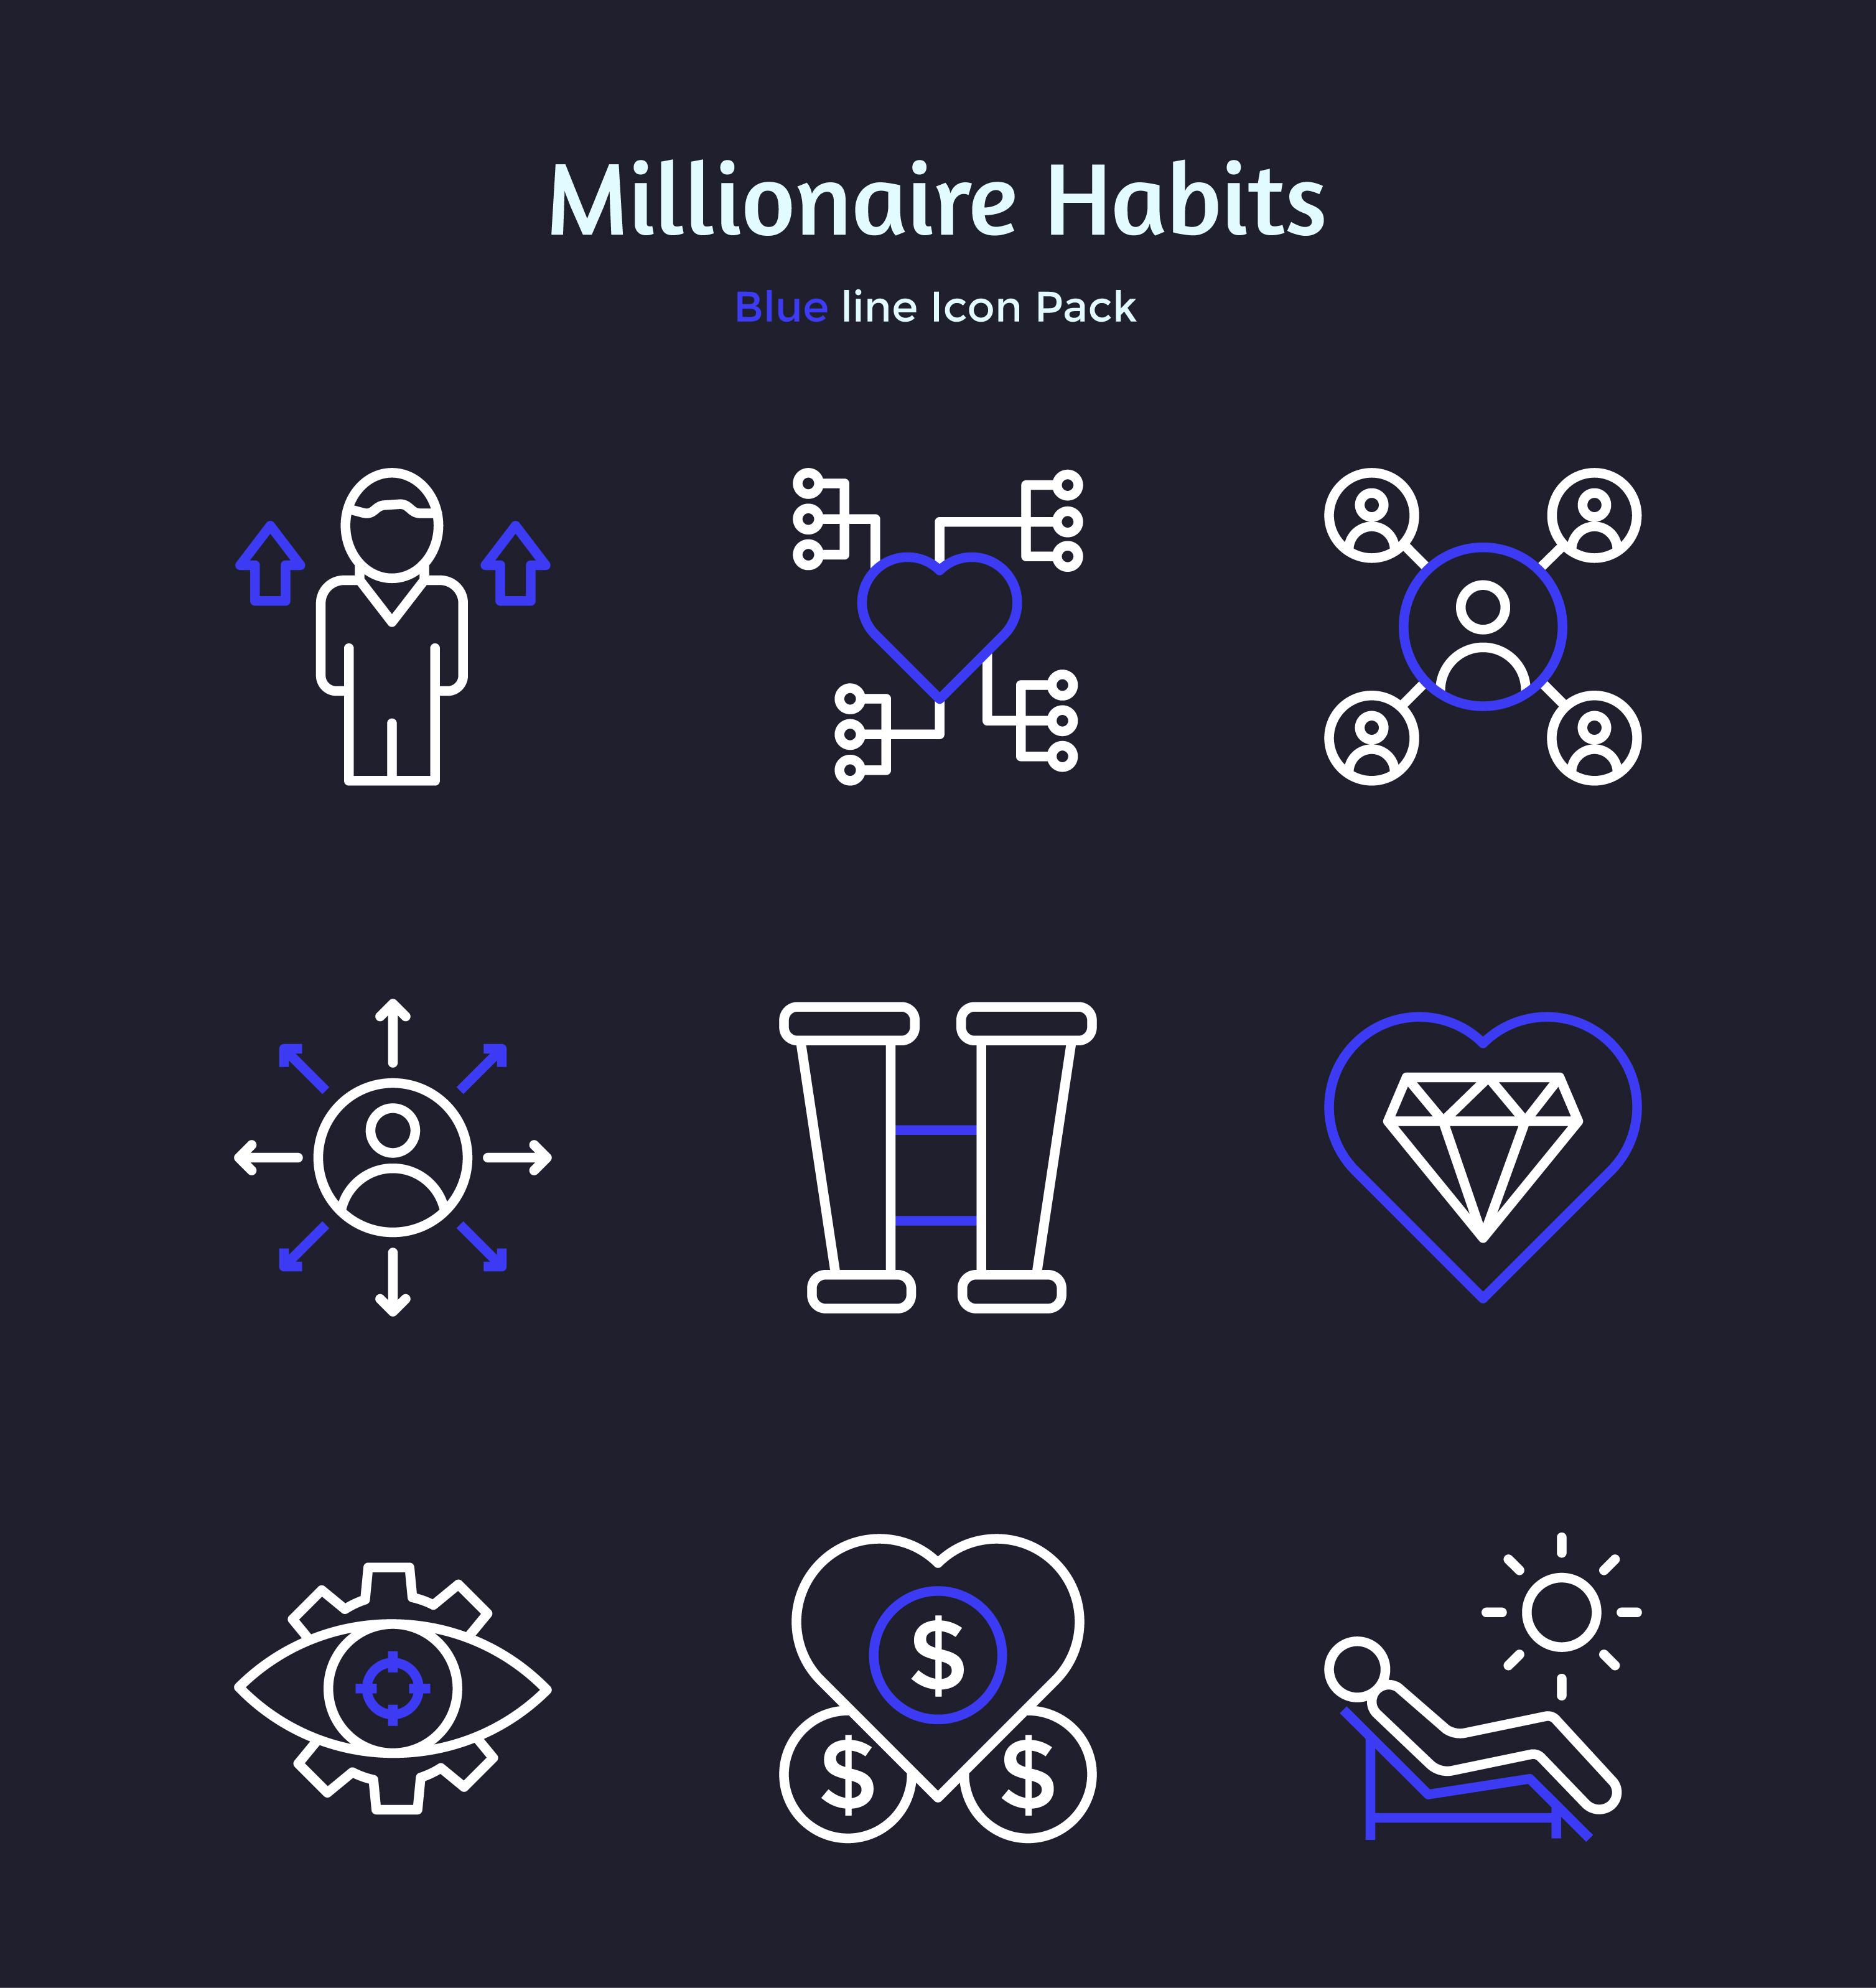 Millionaire Habit Icons Pack